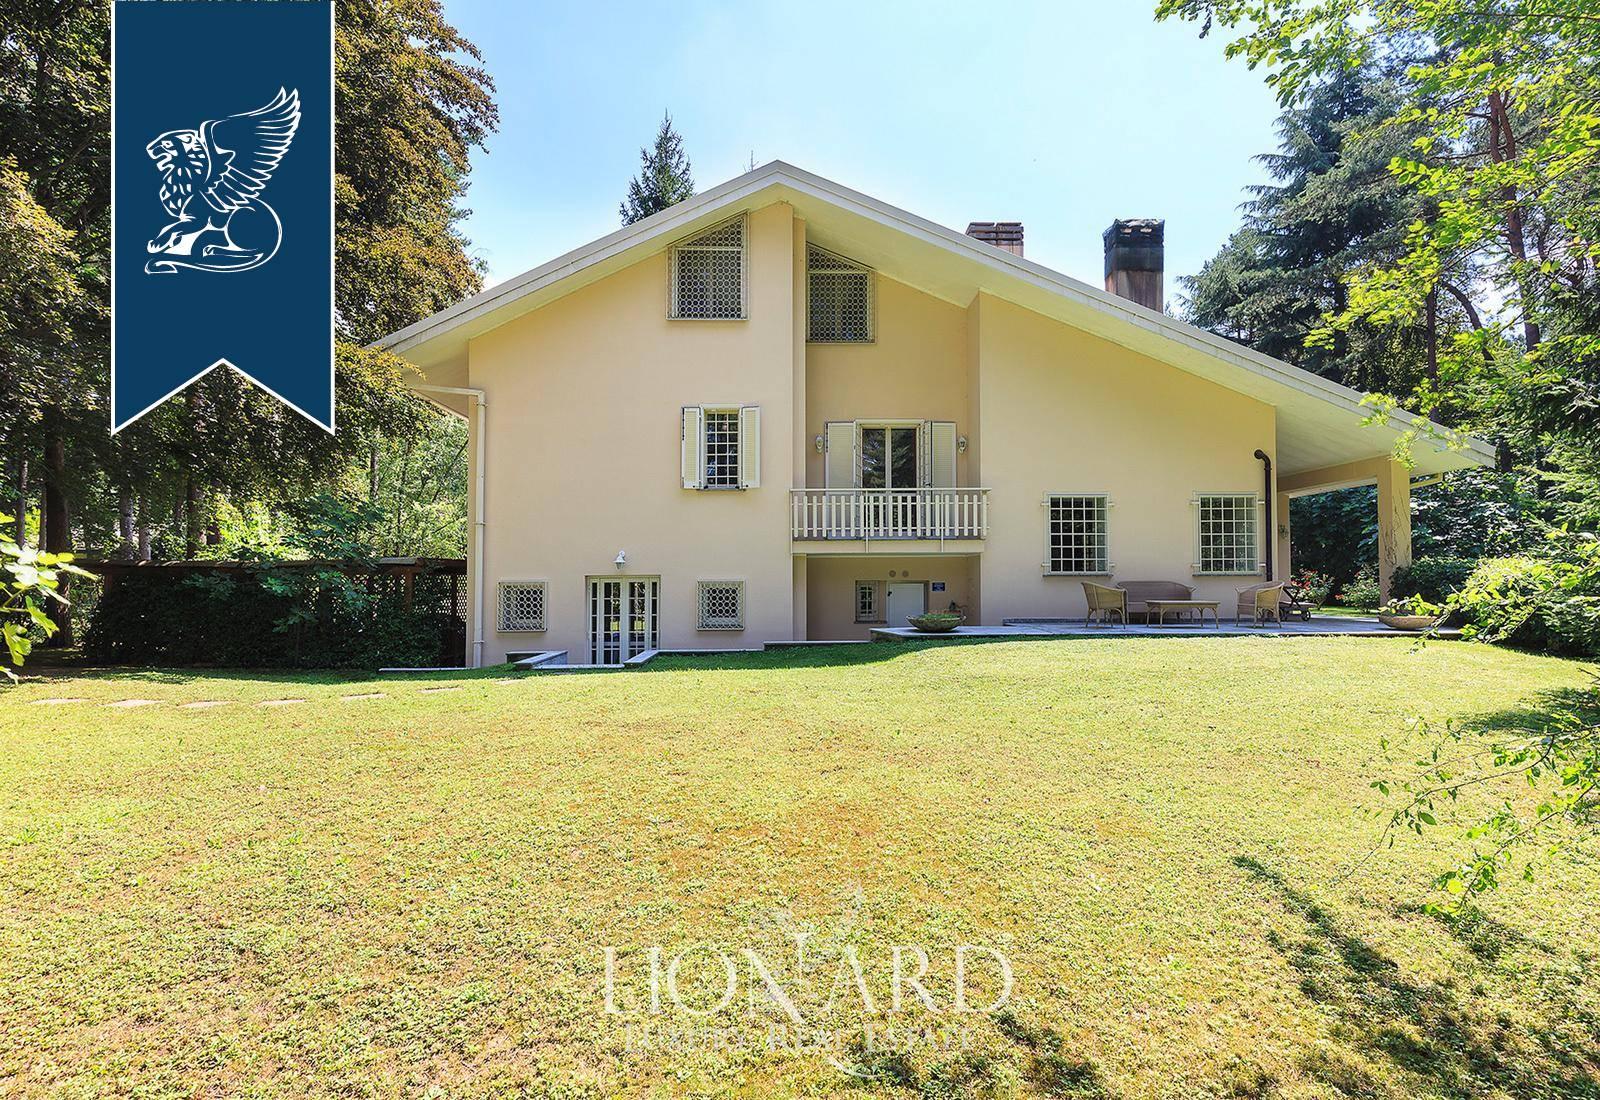 Villa in Vendita a Appiano Gentile: 0 locali, 735 mq - Foto 2